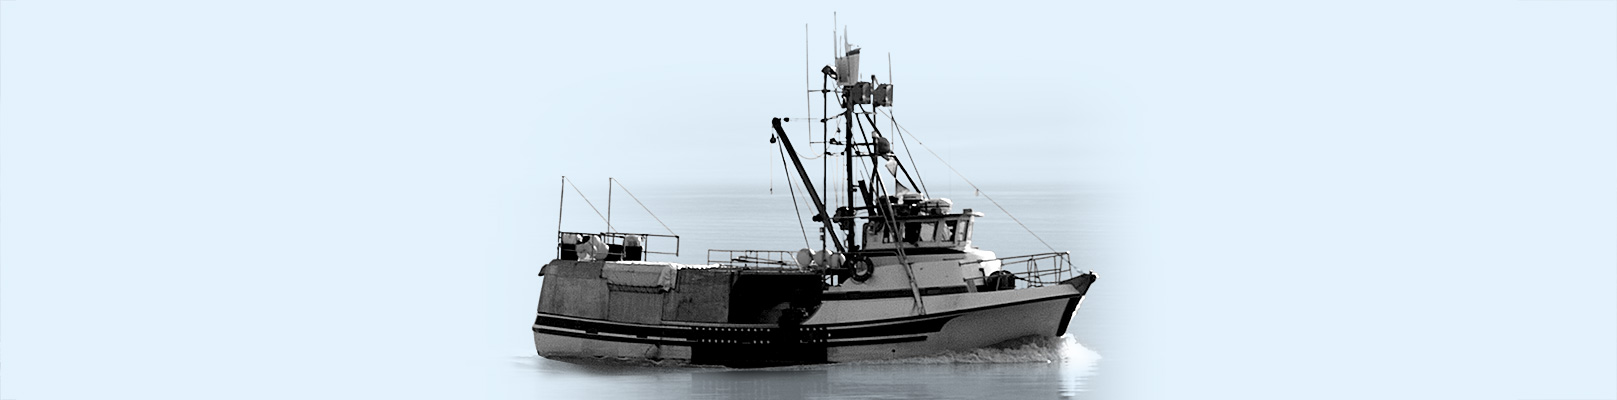 Un bateau de pêche en mer